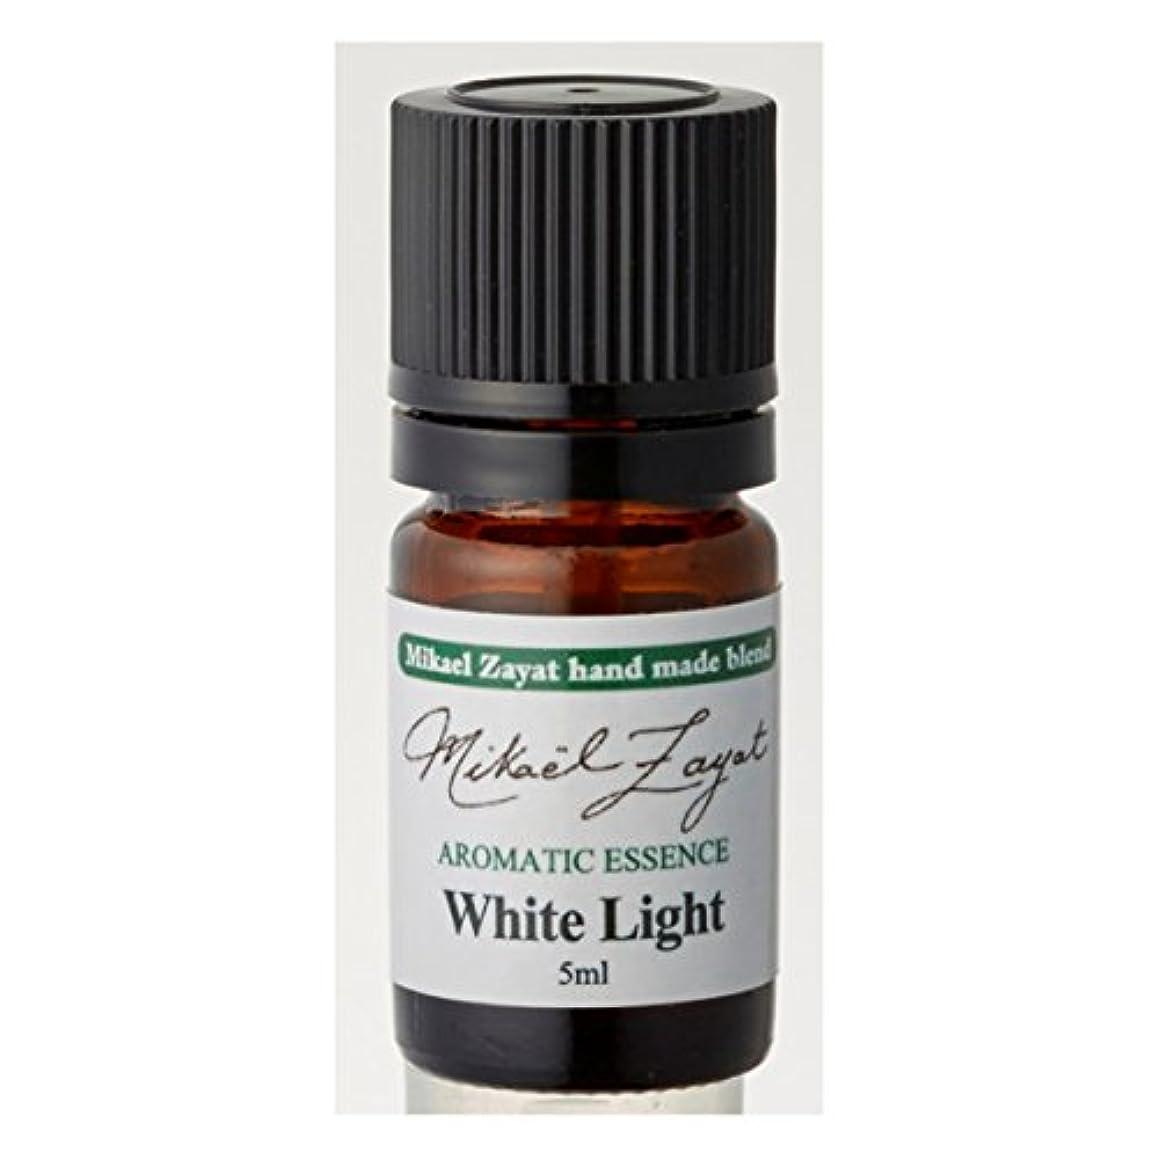 サンドイッチシリングデザートミカエルザヤット ホワイトライト White Light 5ml/ Mikael Zayat hand made blend